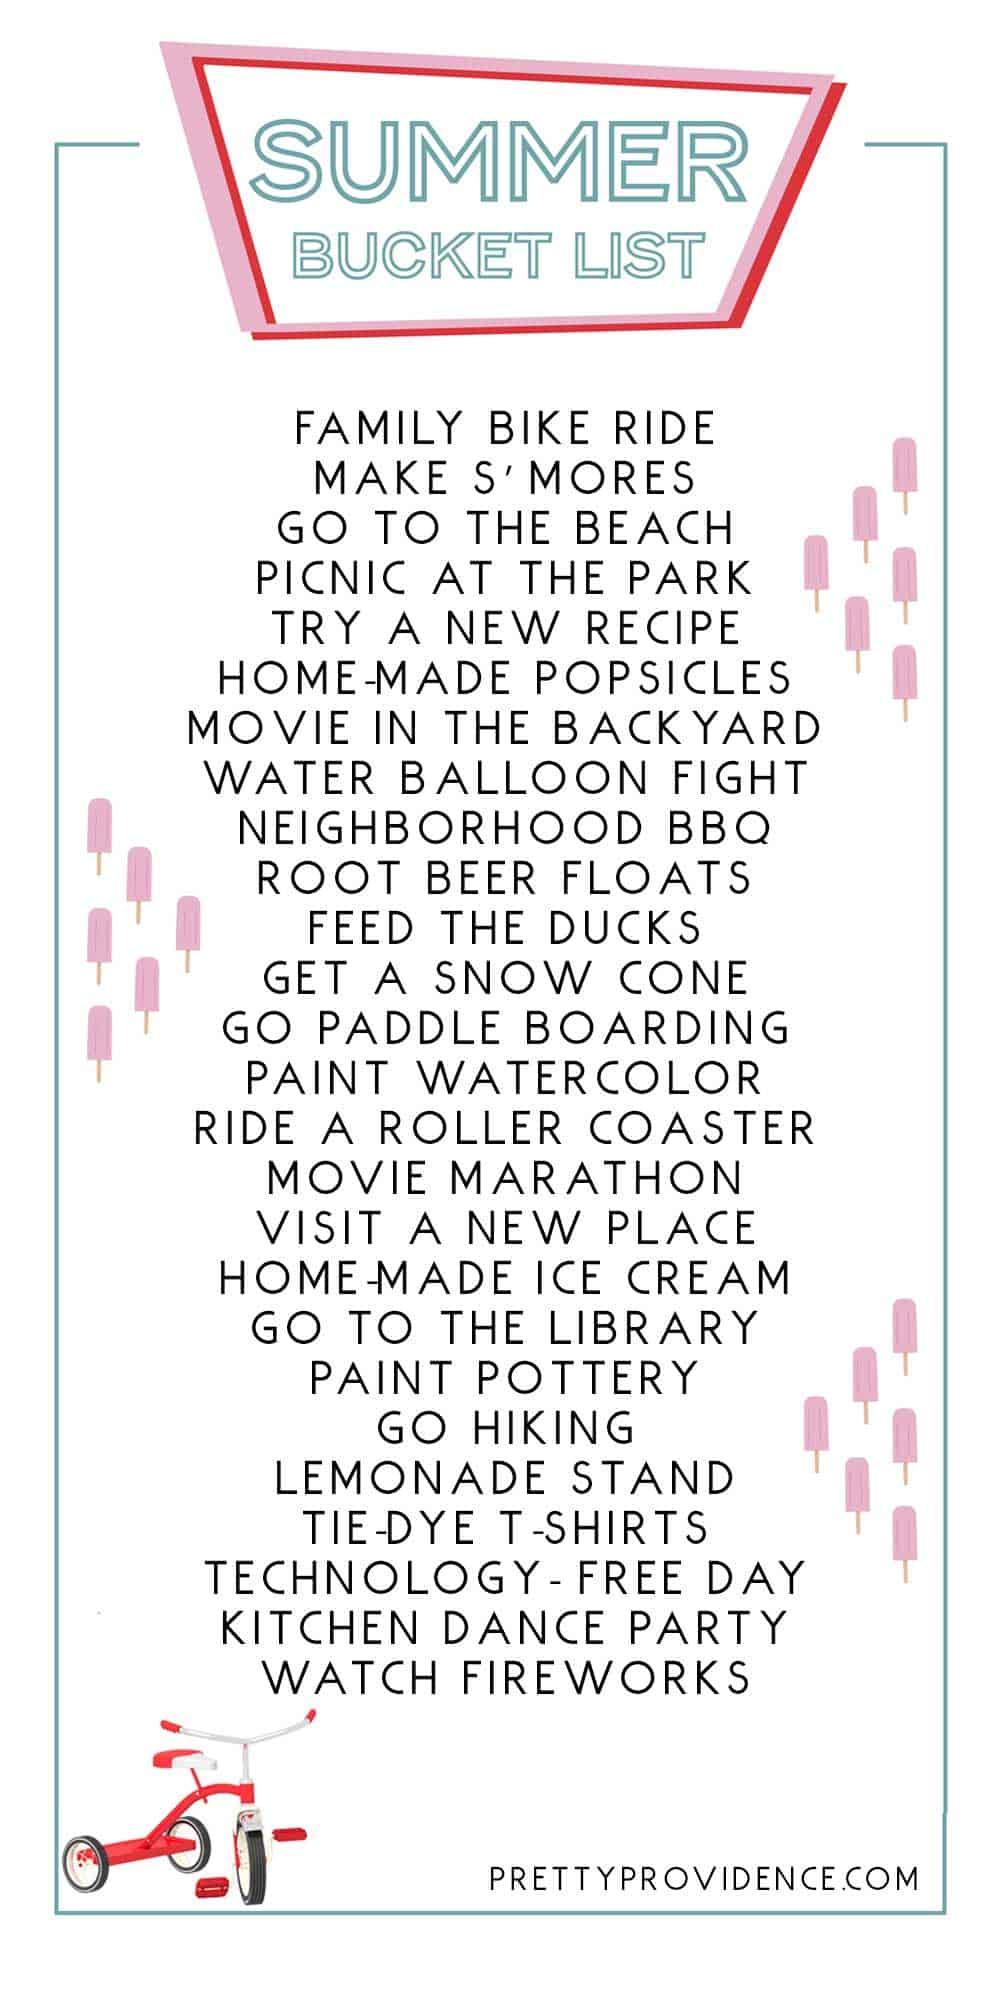 Summer Bucket list ideas + FREE printable to use!